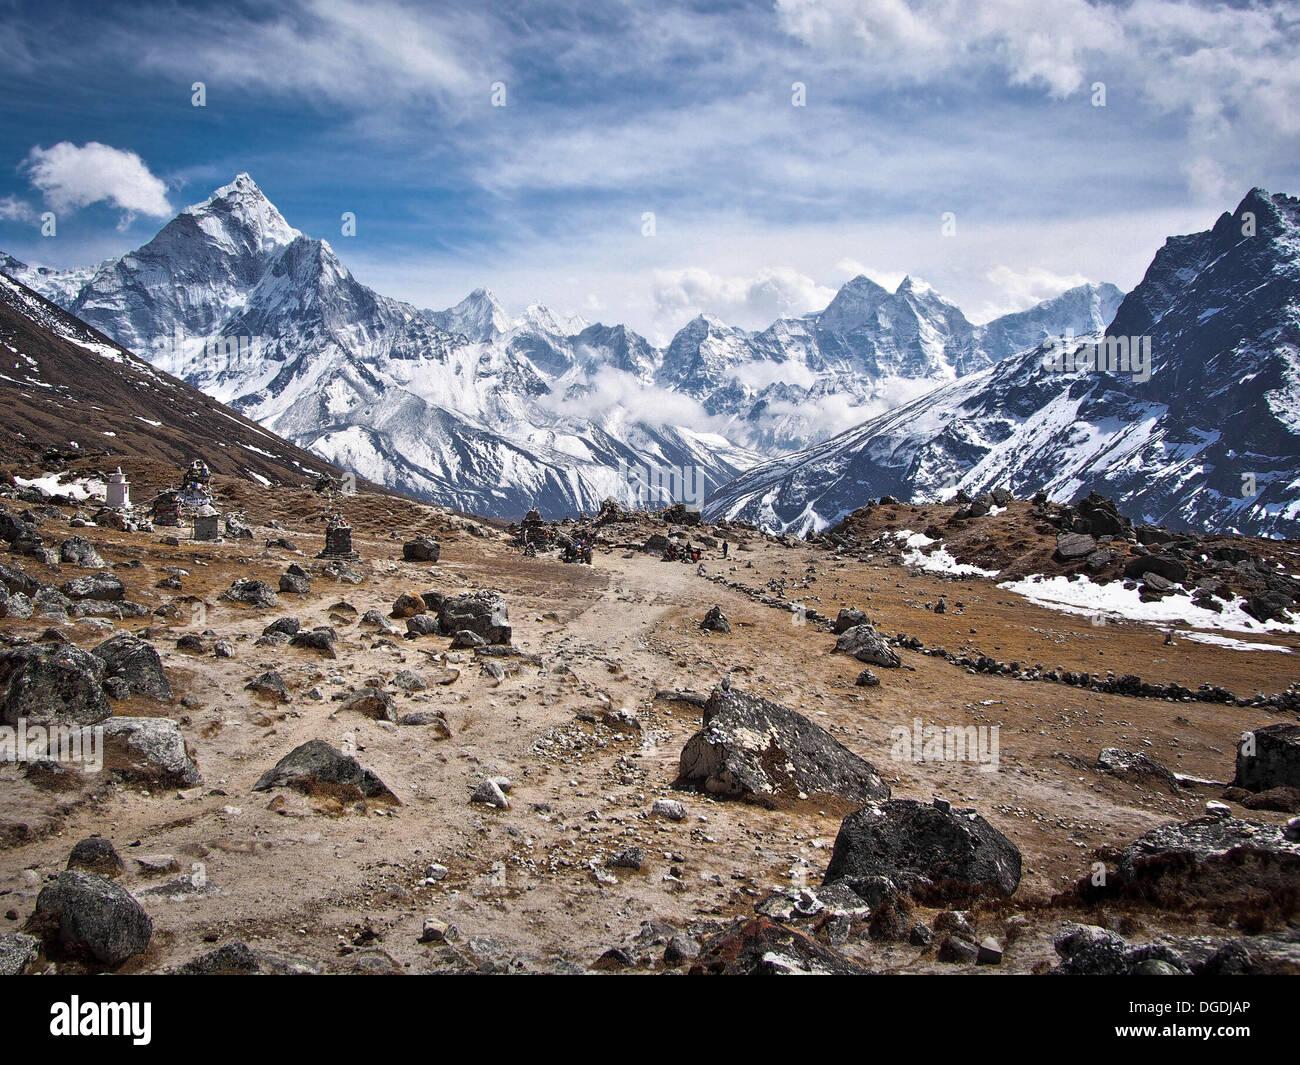 L'Ama Dablam (à gauche) et d'autres sommets le long du trek au camp de base de l'Everest, au Népal. Photo Stock